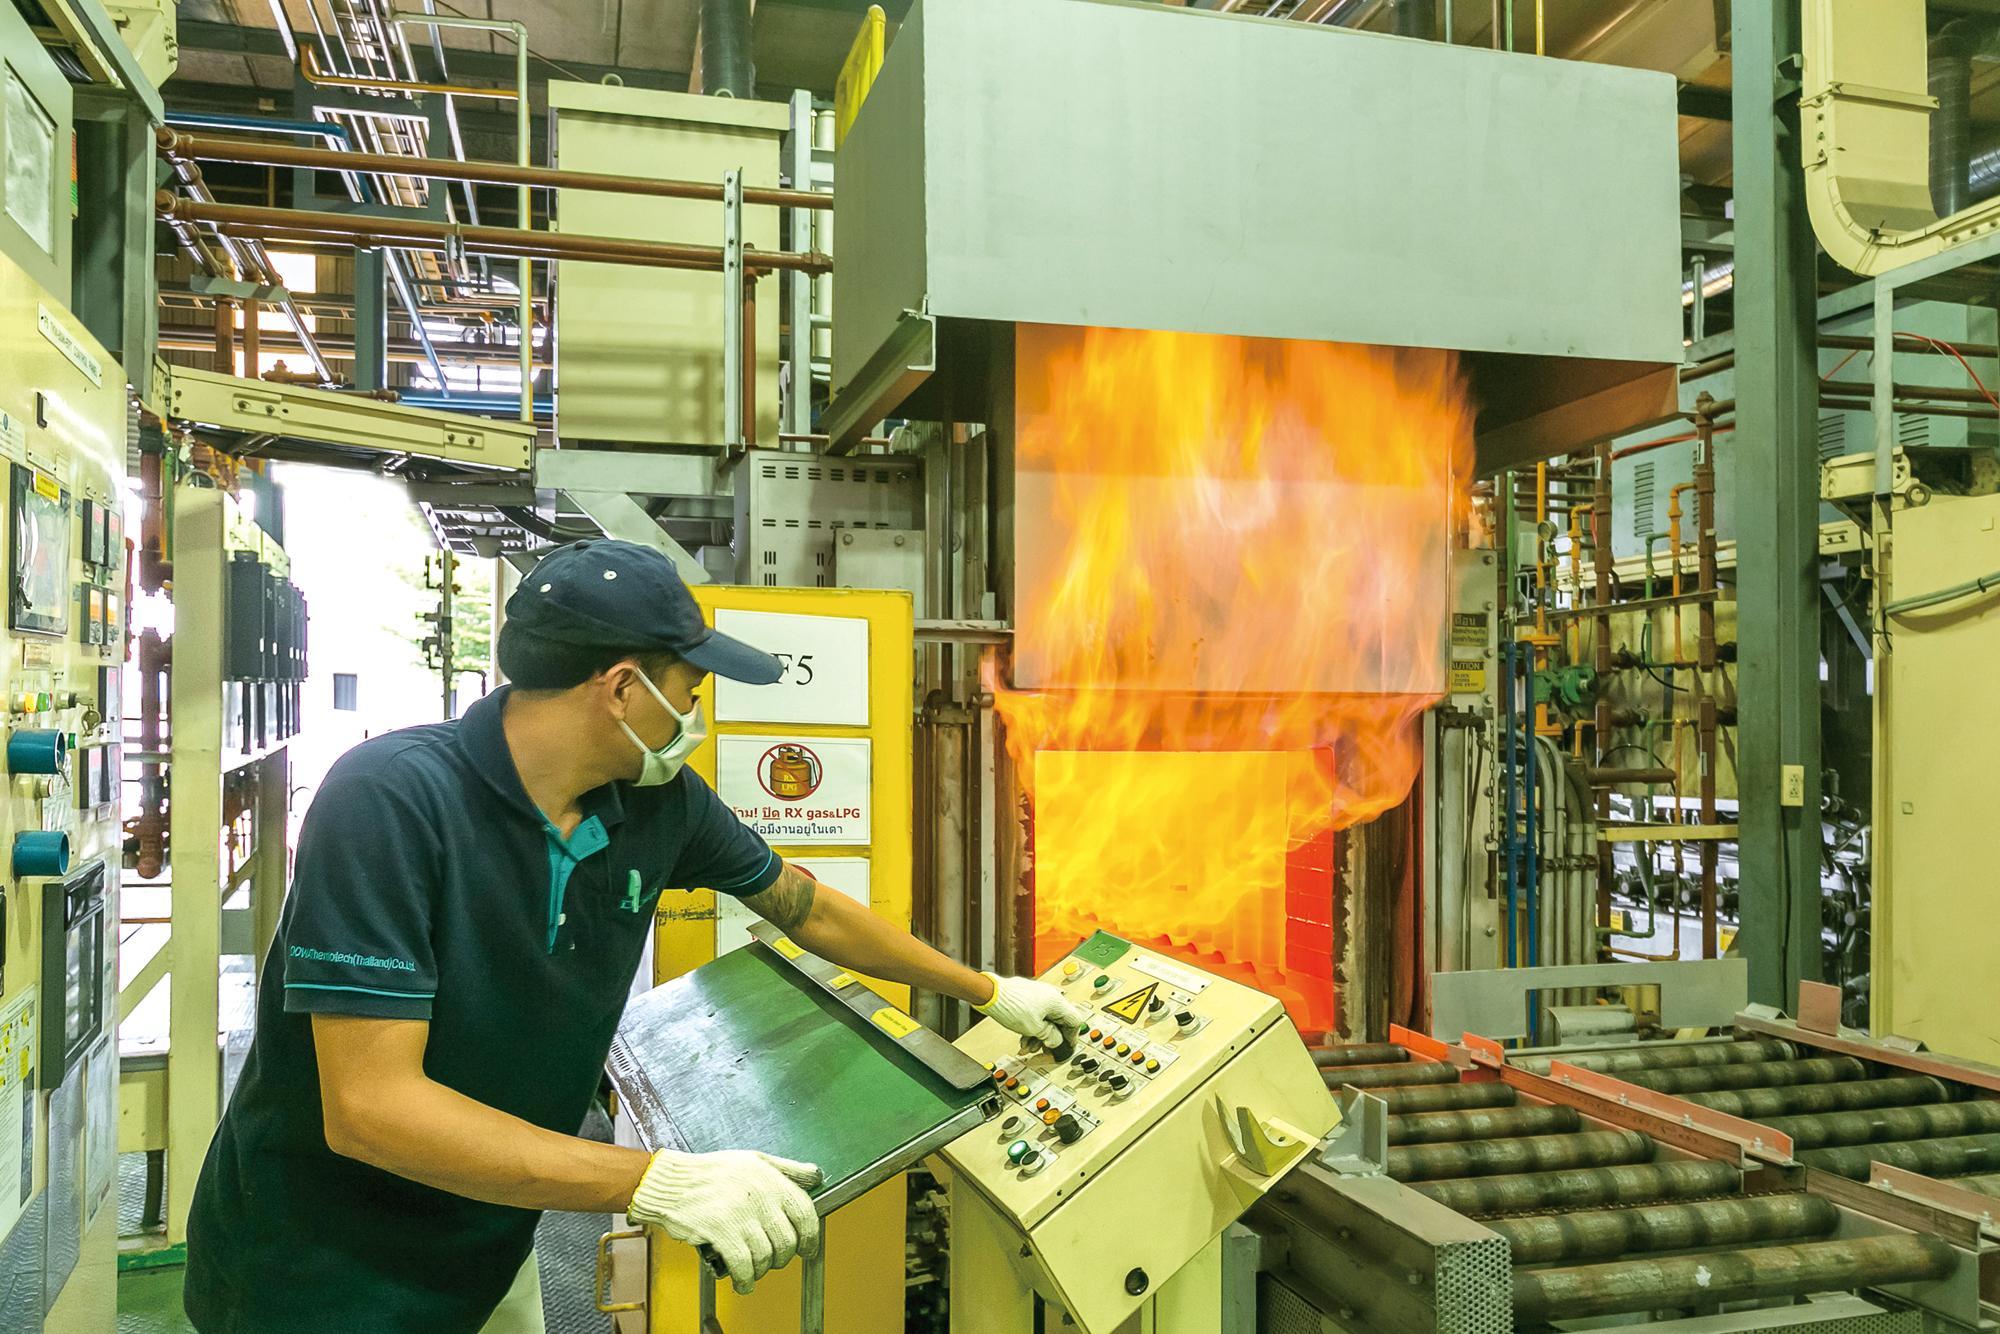 表面改質を施すことで、金属部品の耐久性を引き出す浸炭処理を得意とする。同社では均一加熱・浸炭・冷却性に優れた「TKMシリーズ熱処理炉」「2トレイ型熱処理炉」などを導入